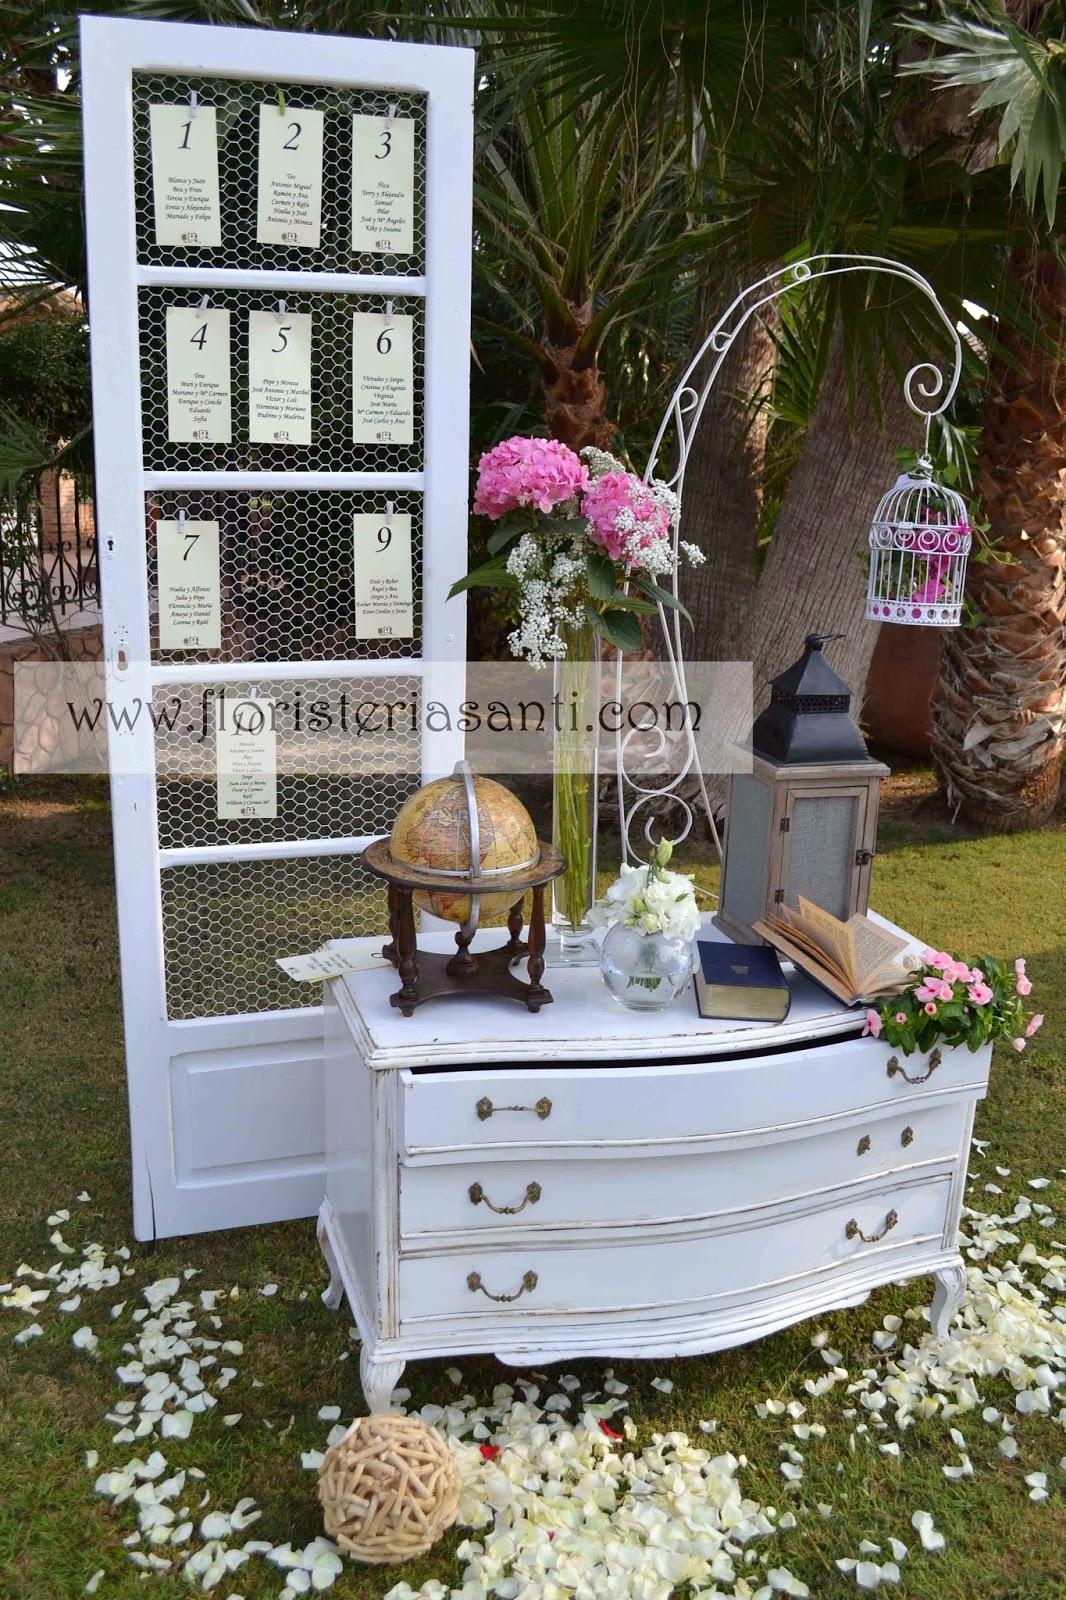 El blog de floristeria santi bodas vintage - Decoracion de bodas vintage ...